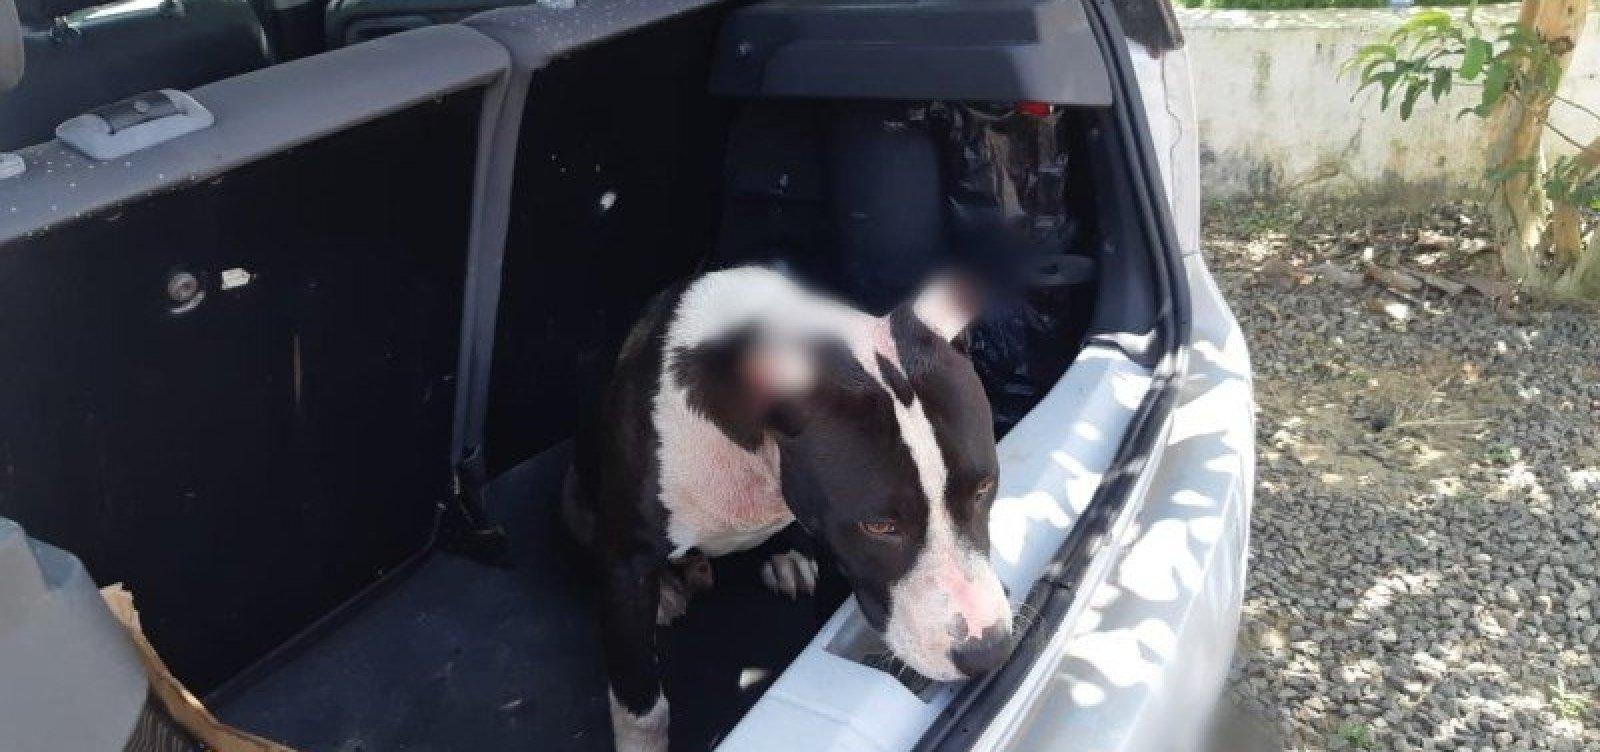 [Cachorro vítima de maus-tratos é resgatado de porta-malas de carro na BR-116]